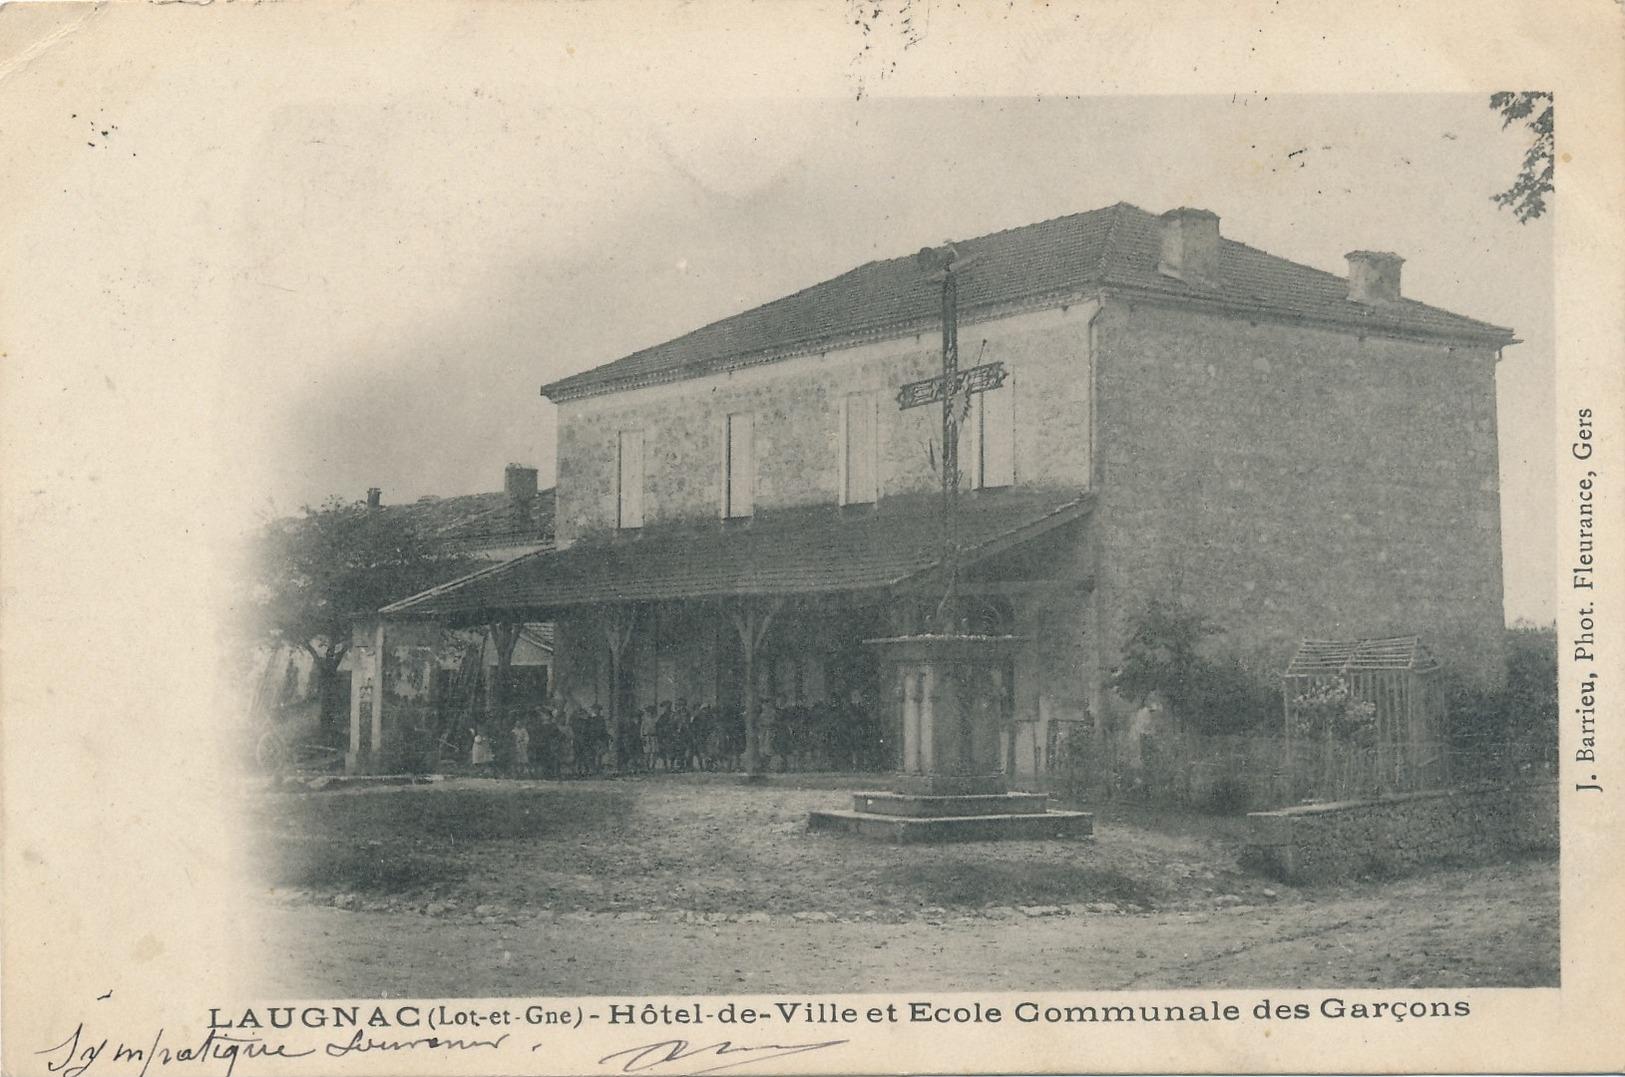 I104 - 47 - LAUGNAC - Lot-et-Garonne - Hôtel De Ville Et école Communale Des Garçons - France